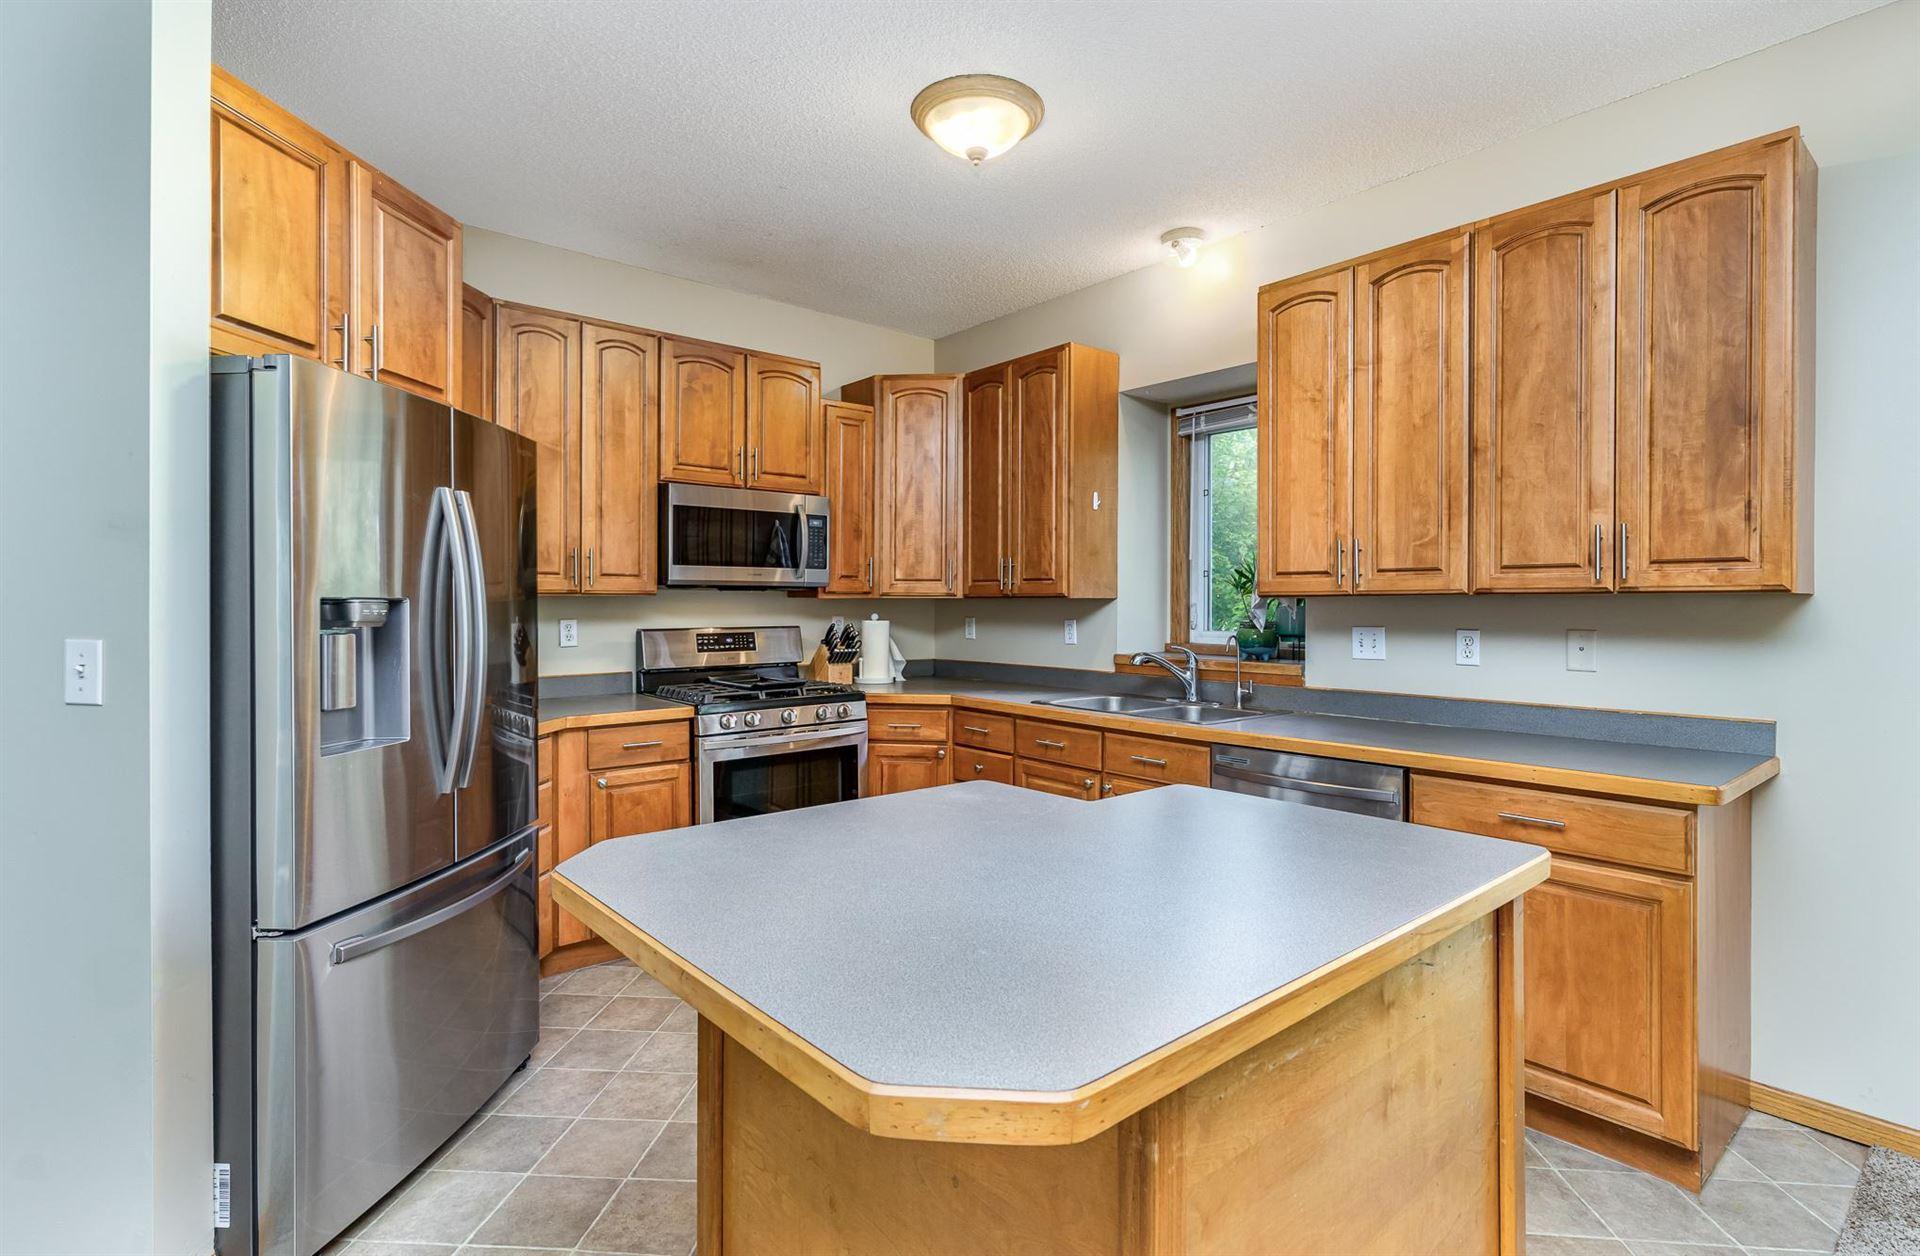 Photo of 1320 Mcandrews Road E #24, Burnsville, MN 55337 (MLS # 6100975)